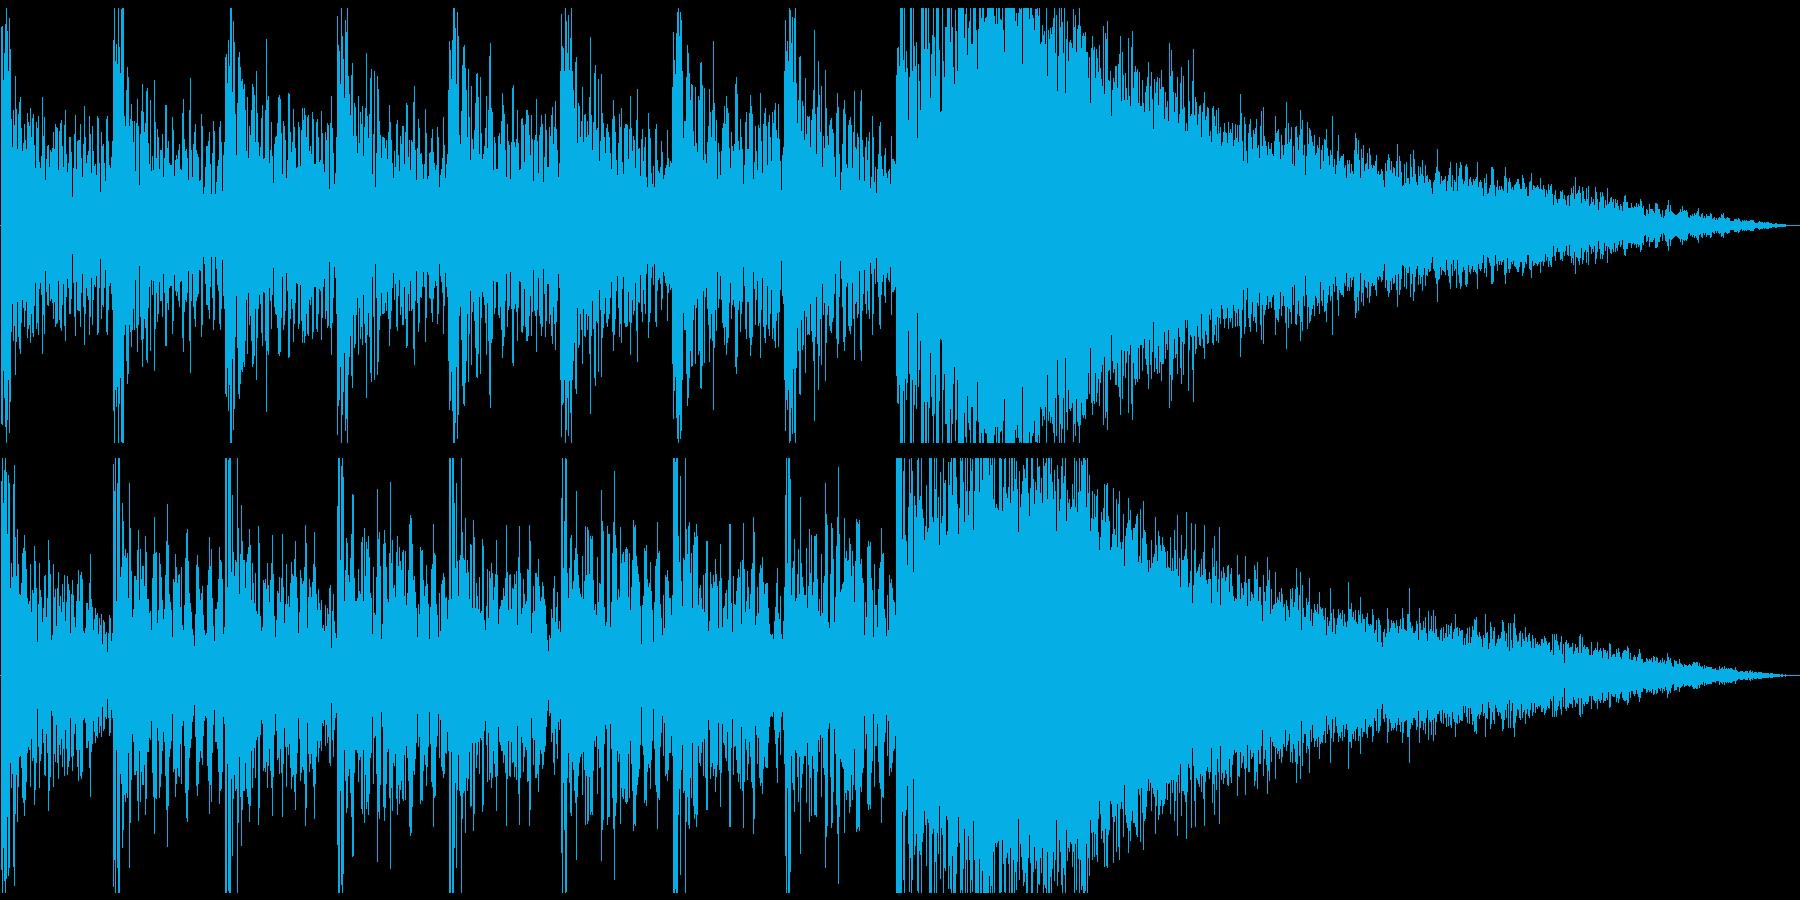 デンデンデンデンバーン!!登場シーンの再生済みの波形